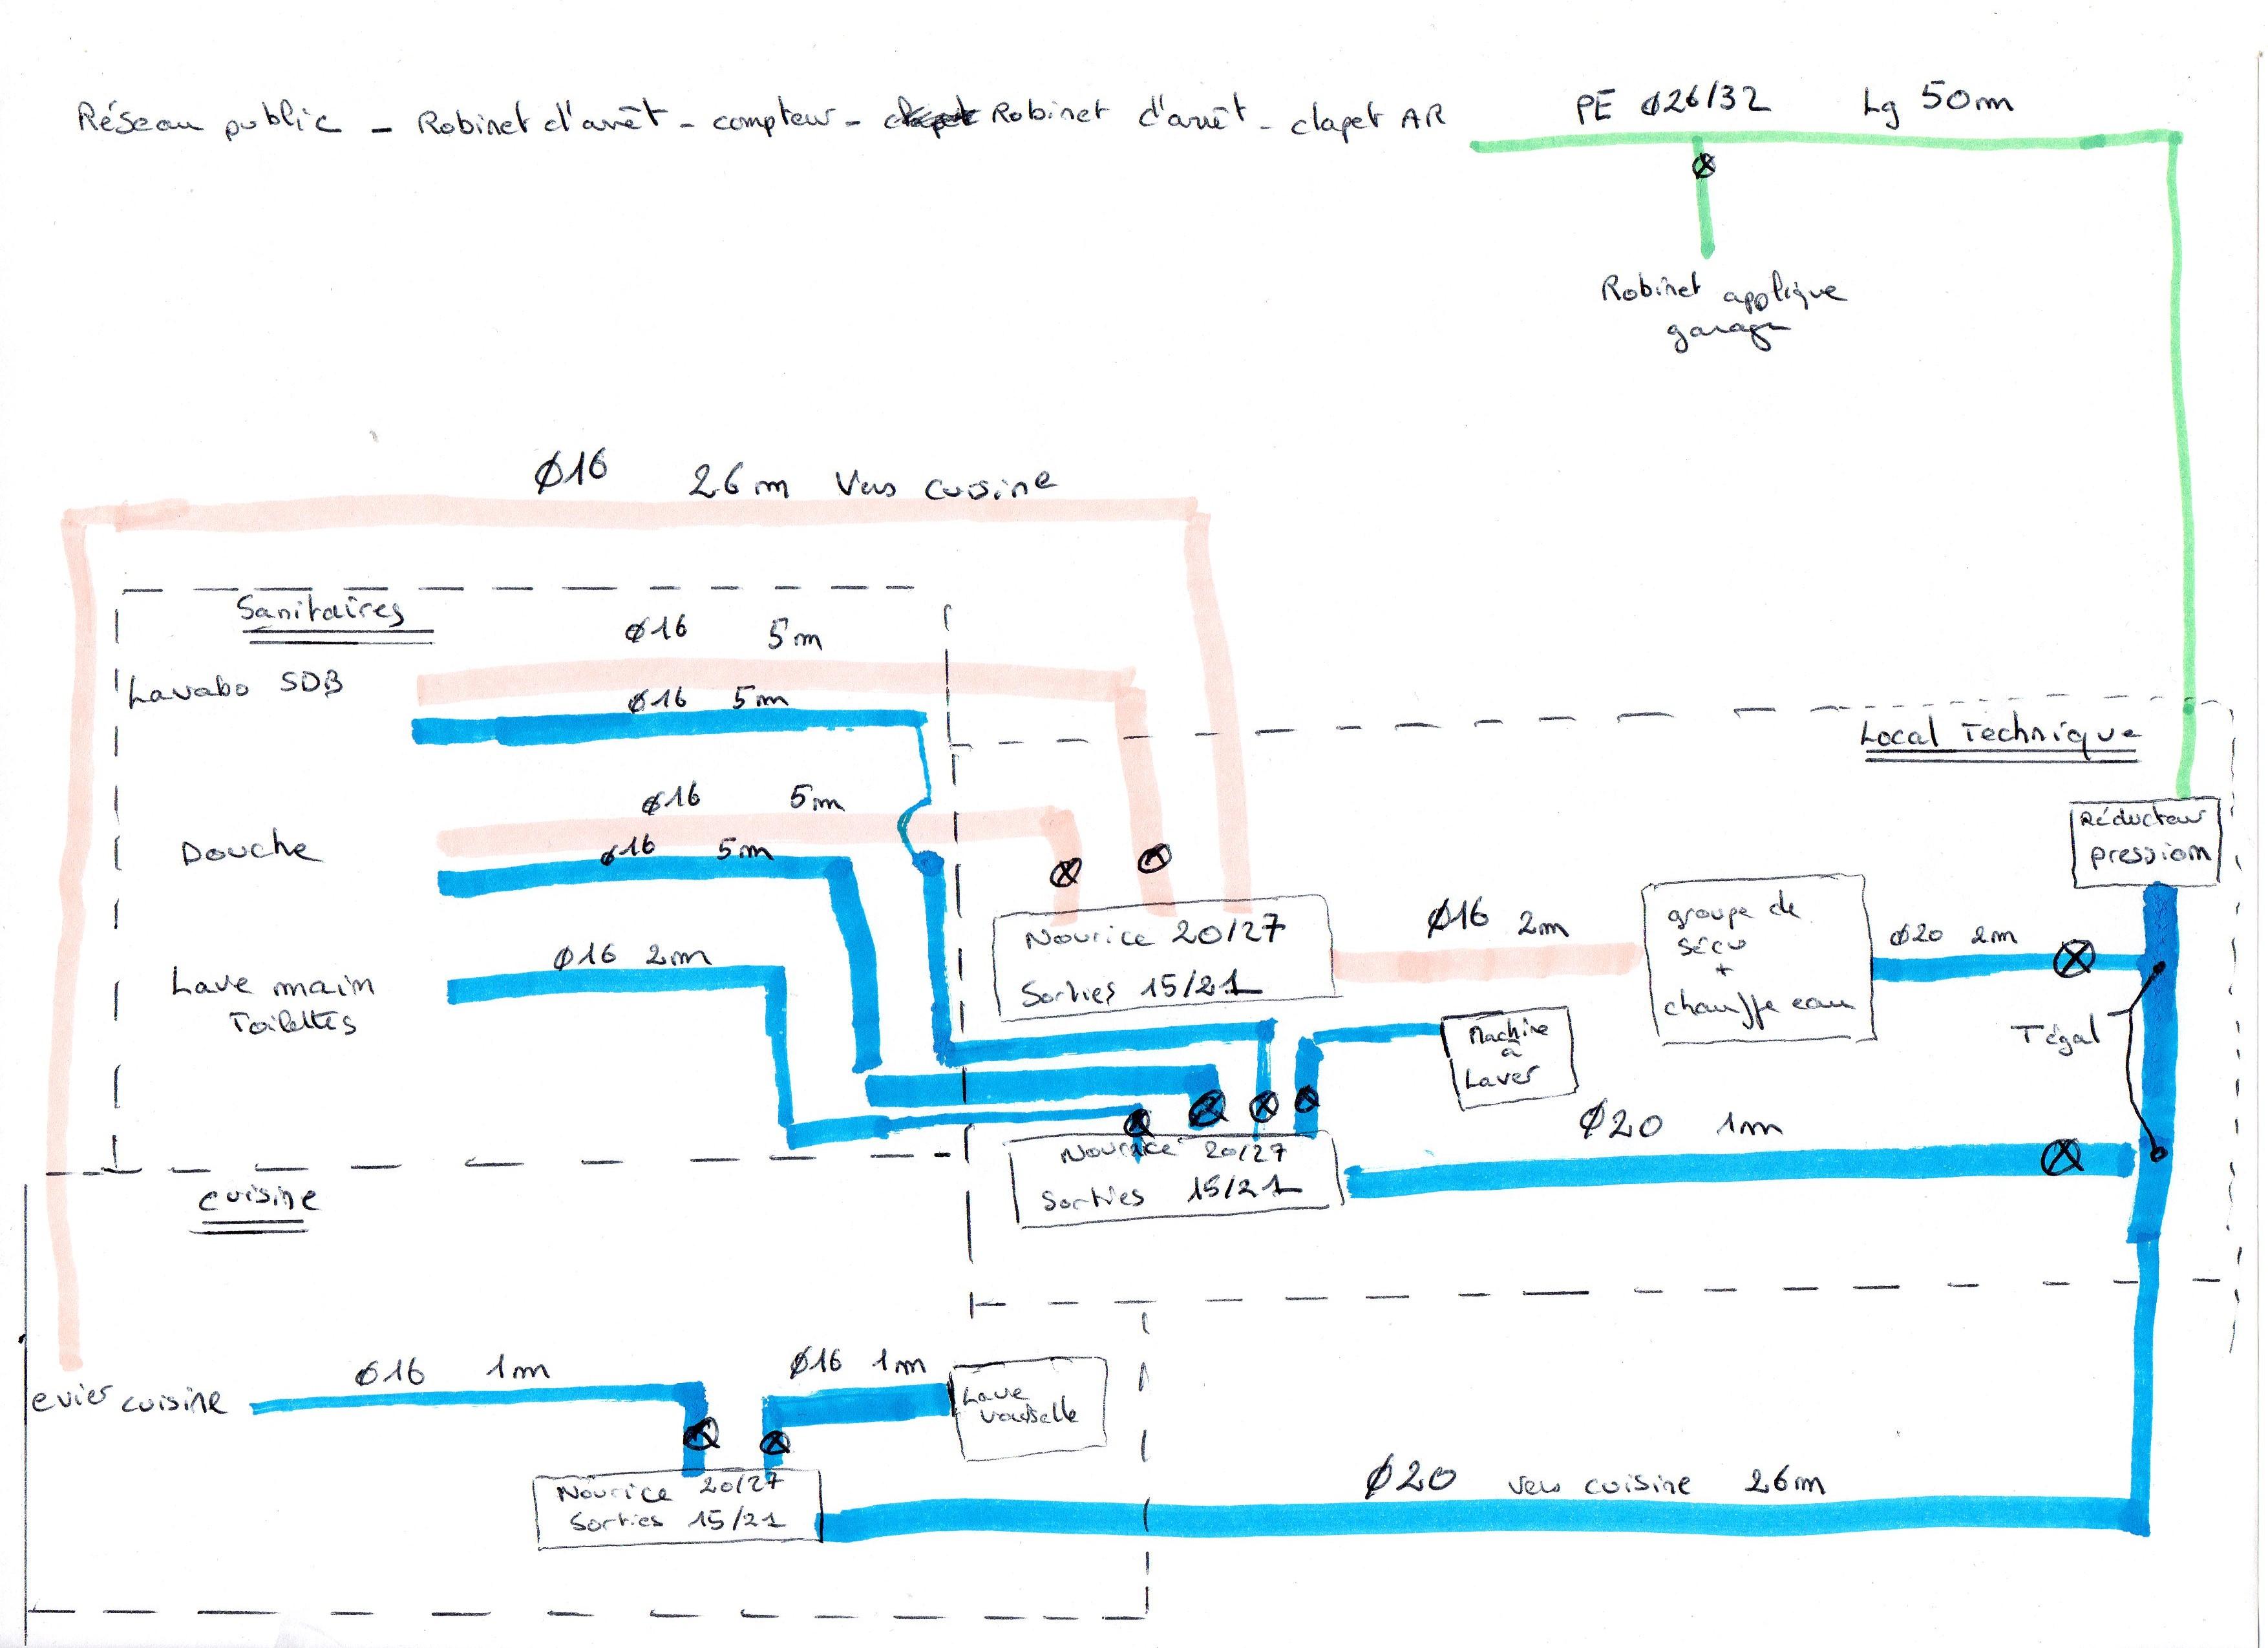 Croquis réseau d'eau.jpg, 921.77 kb, 3509 x 2550